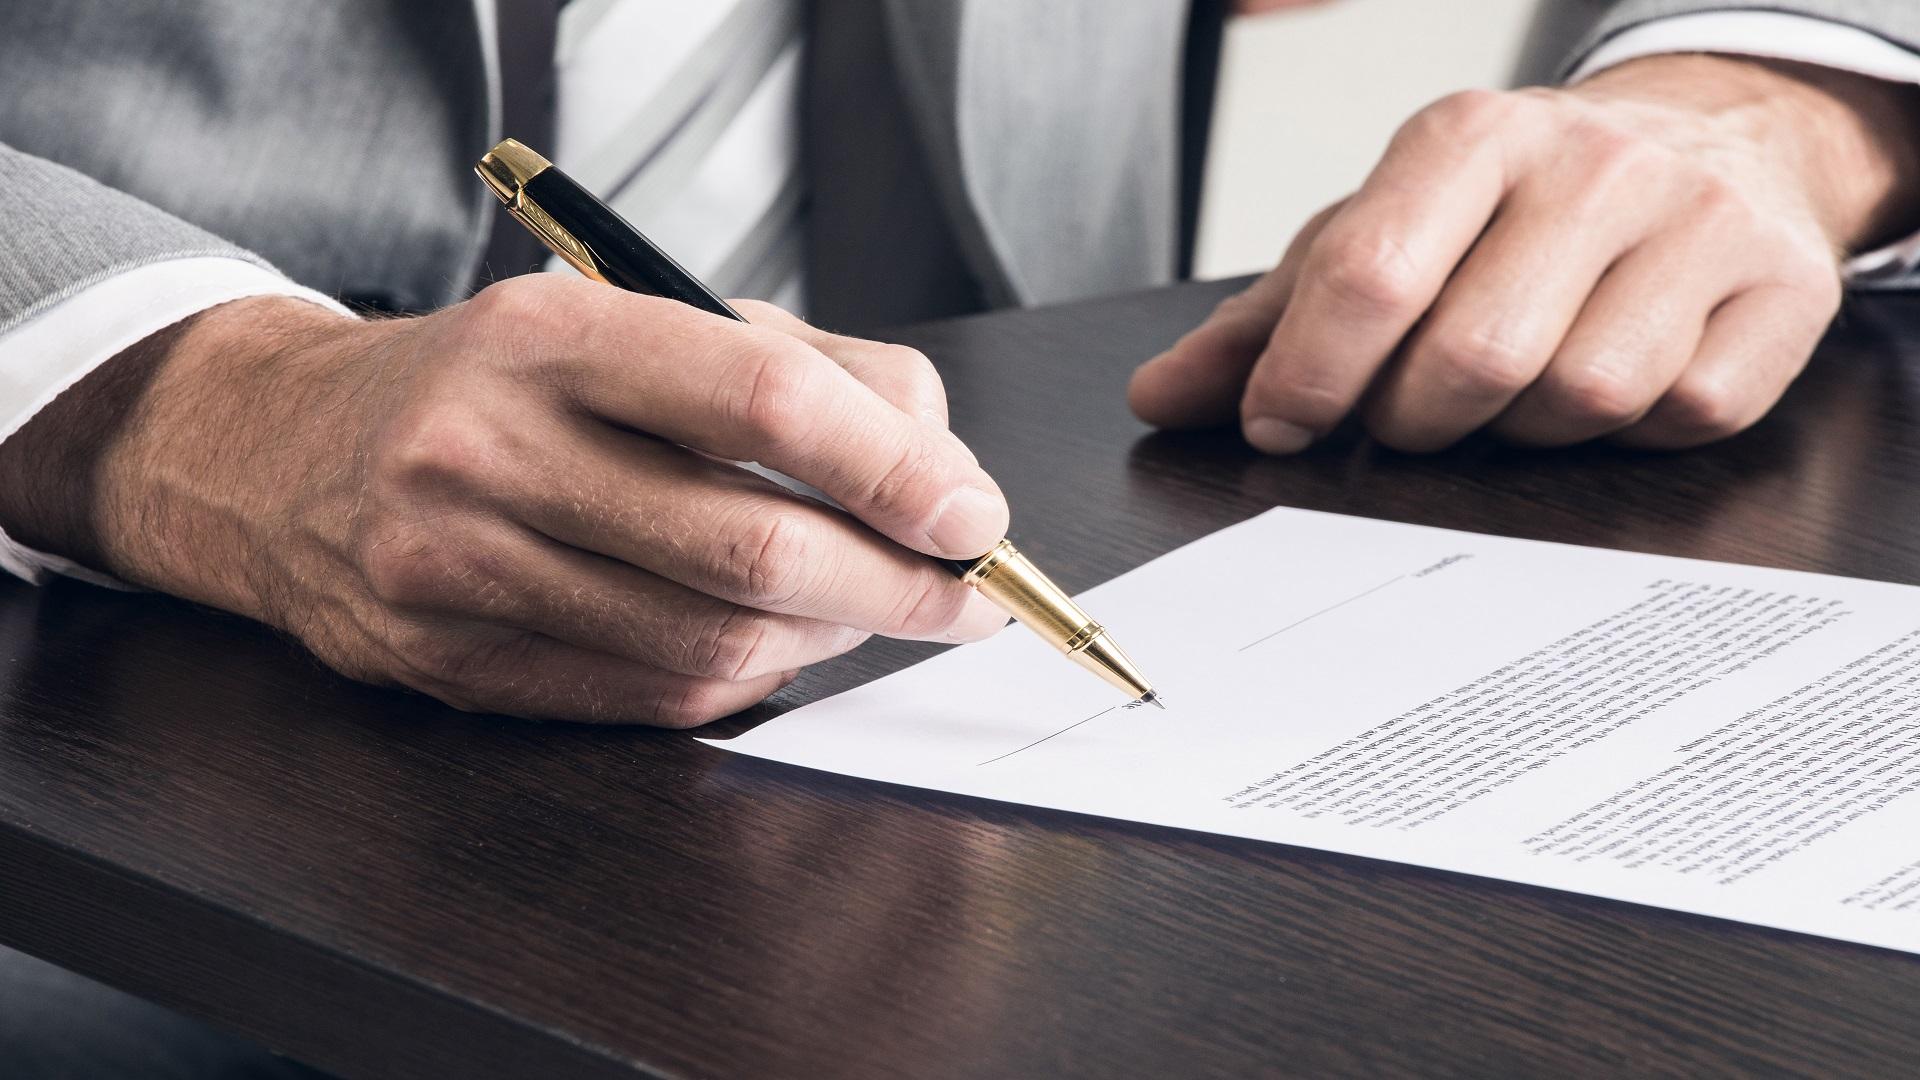 نوشتن اولین مقاله | استخراج مقاله از پایان نامه | استخراج مقاله از پایان نامه ارشد | استخراج مقاله از پایان نامه دکتری